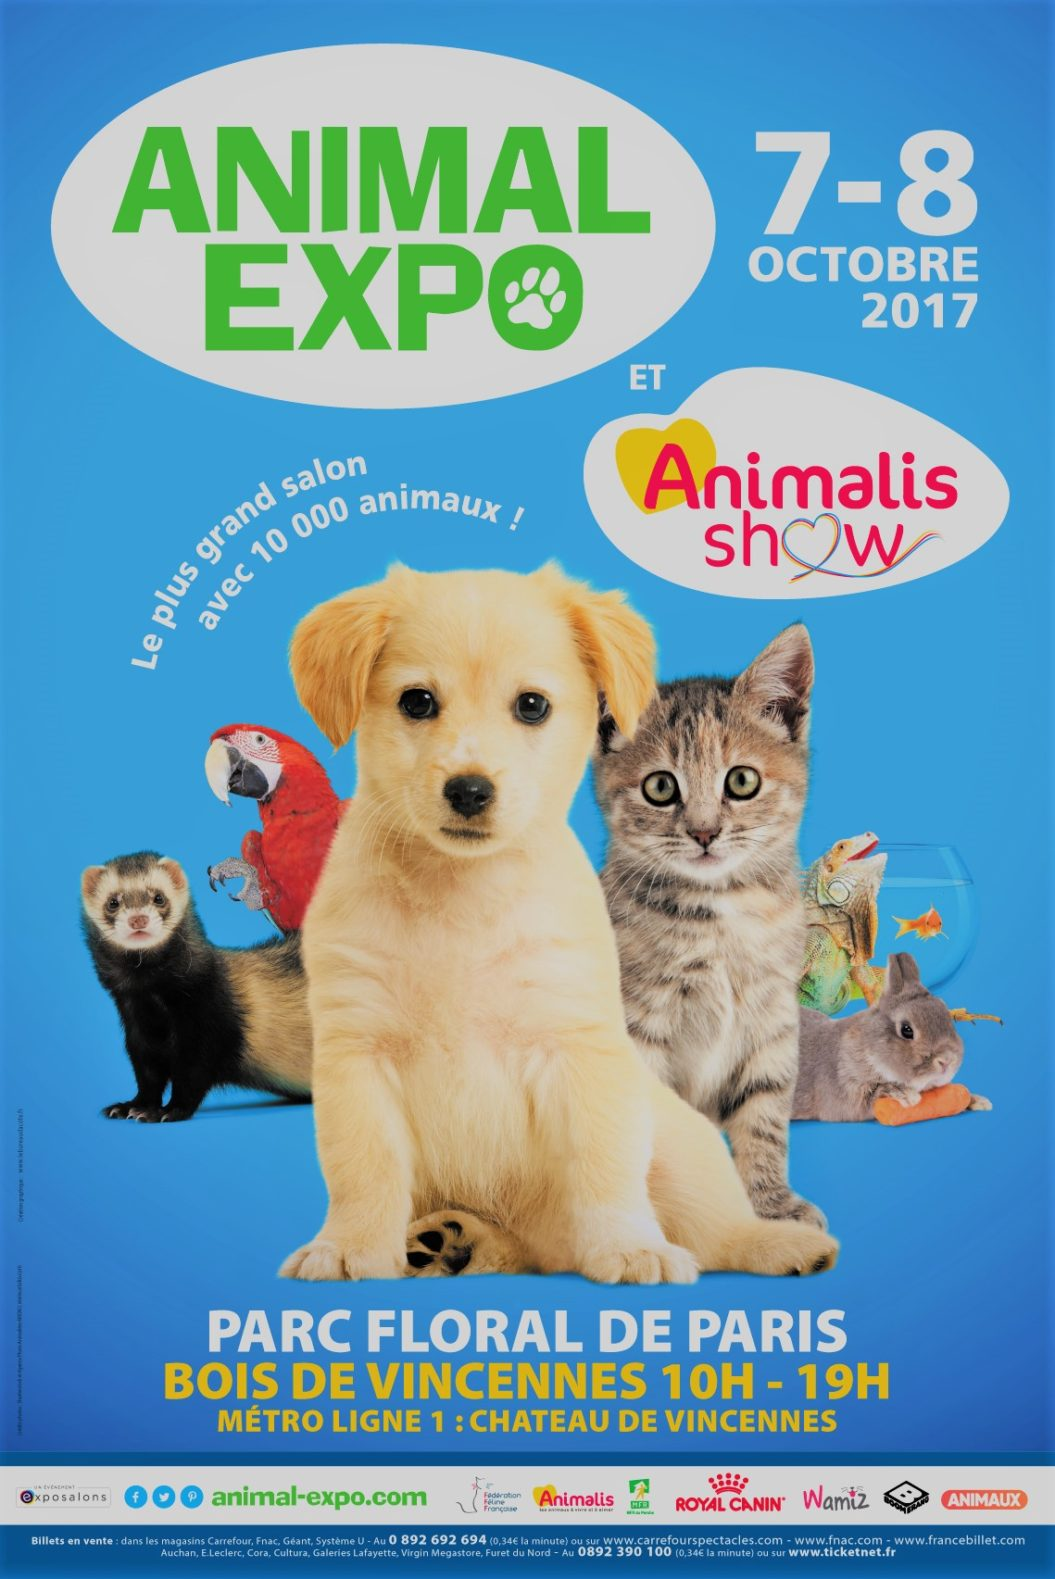 Salon Animal Expo Parc Floral de Paris Bois de Vincennes - 7 & 8 Octobre 2017